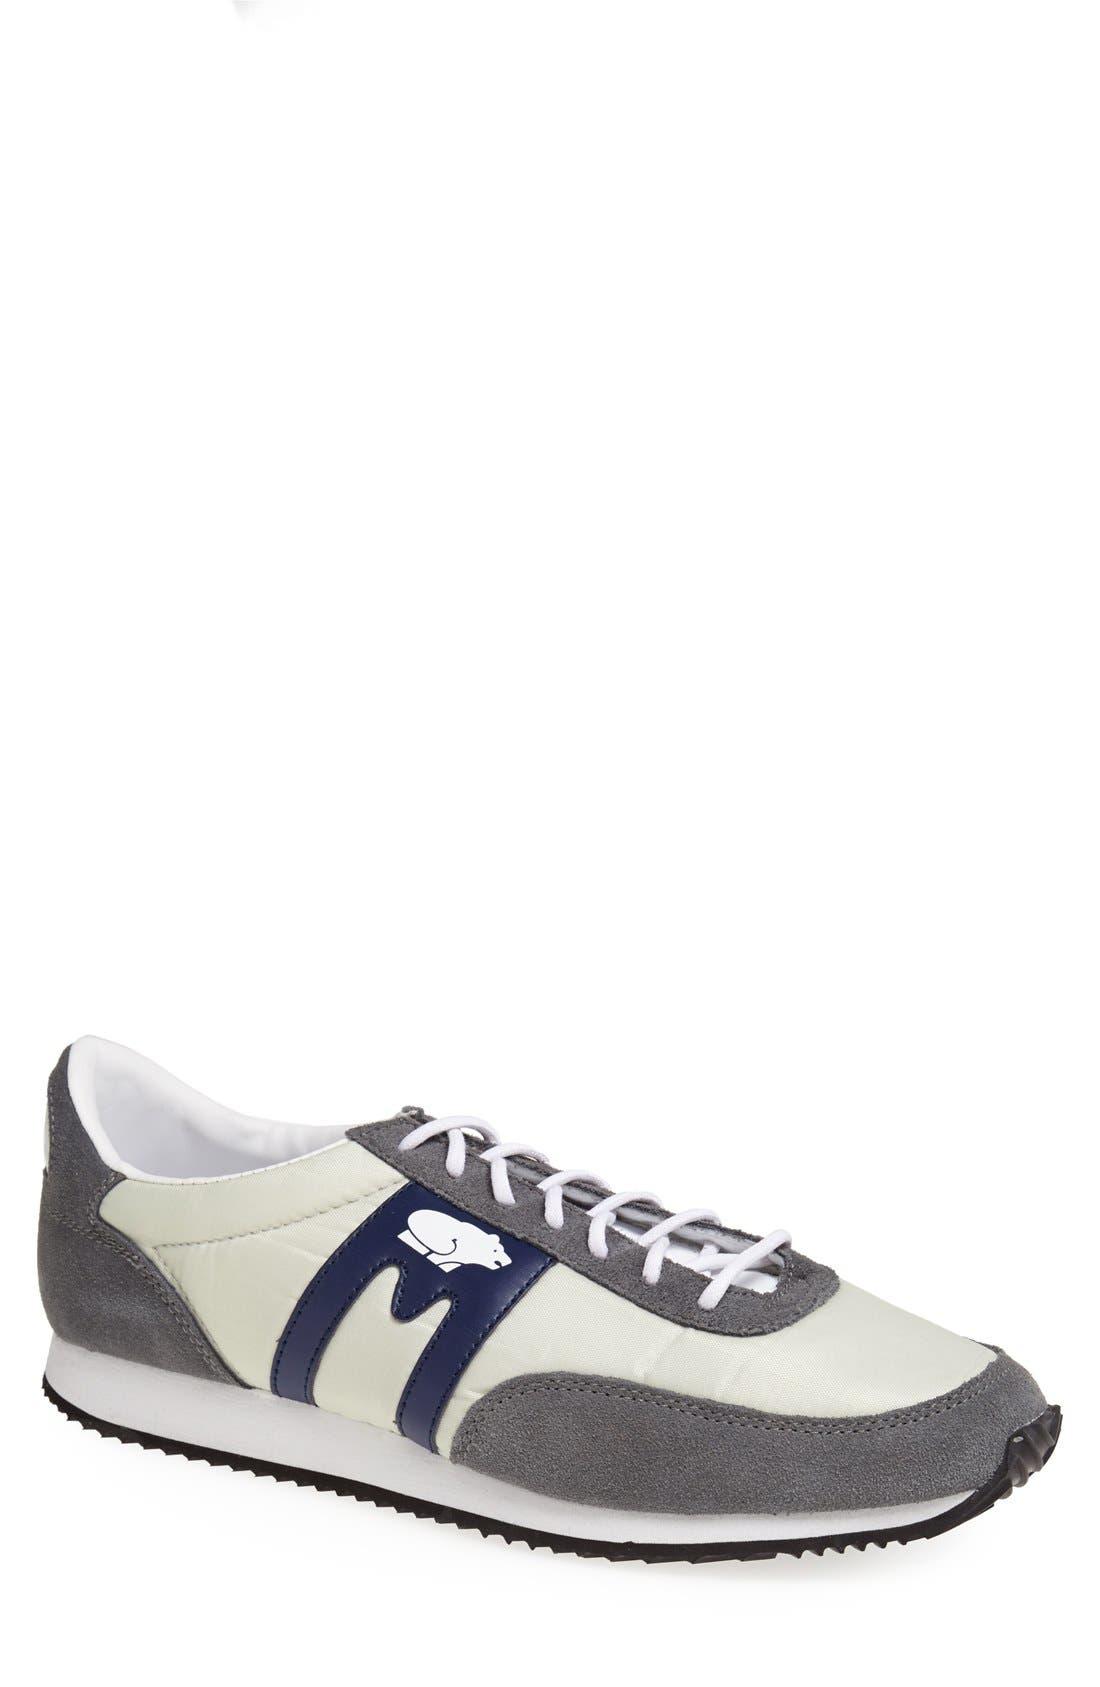 'Albatross' Sneaker,                             Main thumbnail 1, color,                             020